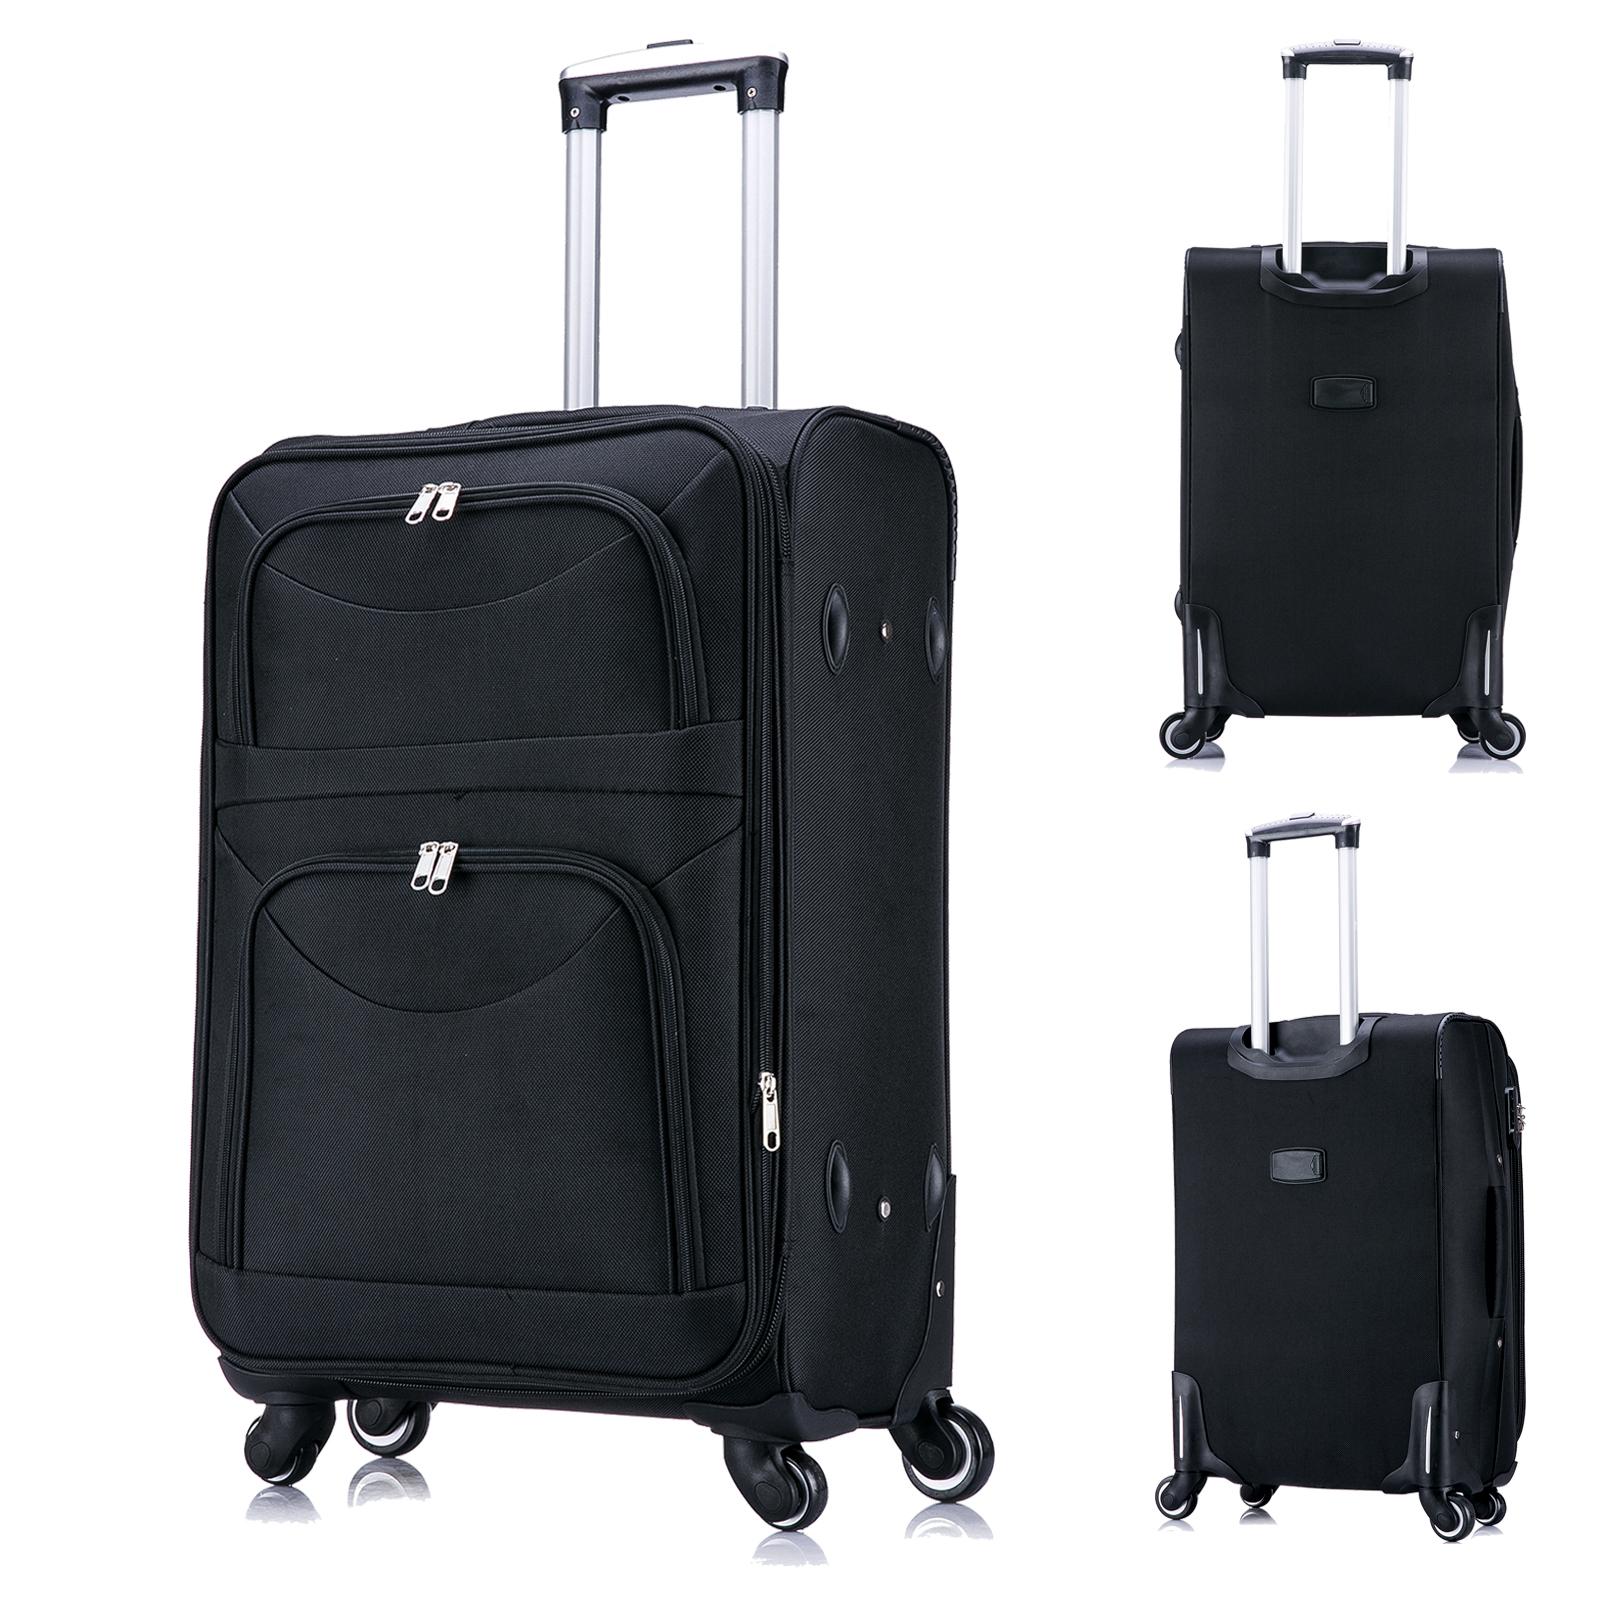 reisekoffer weichschale koffer trolley stoff handgep ck m. Black Bedroom Furniture Sets. Home Design Ideas